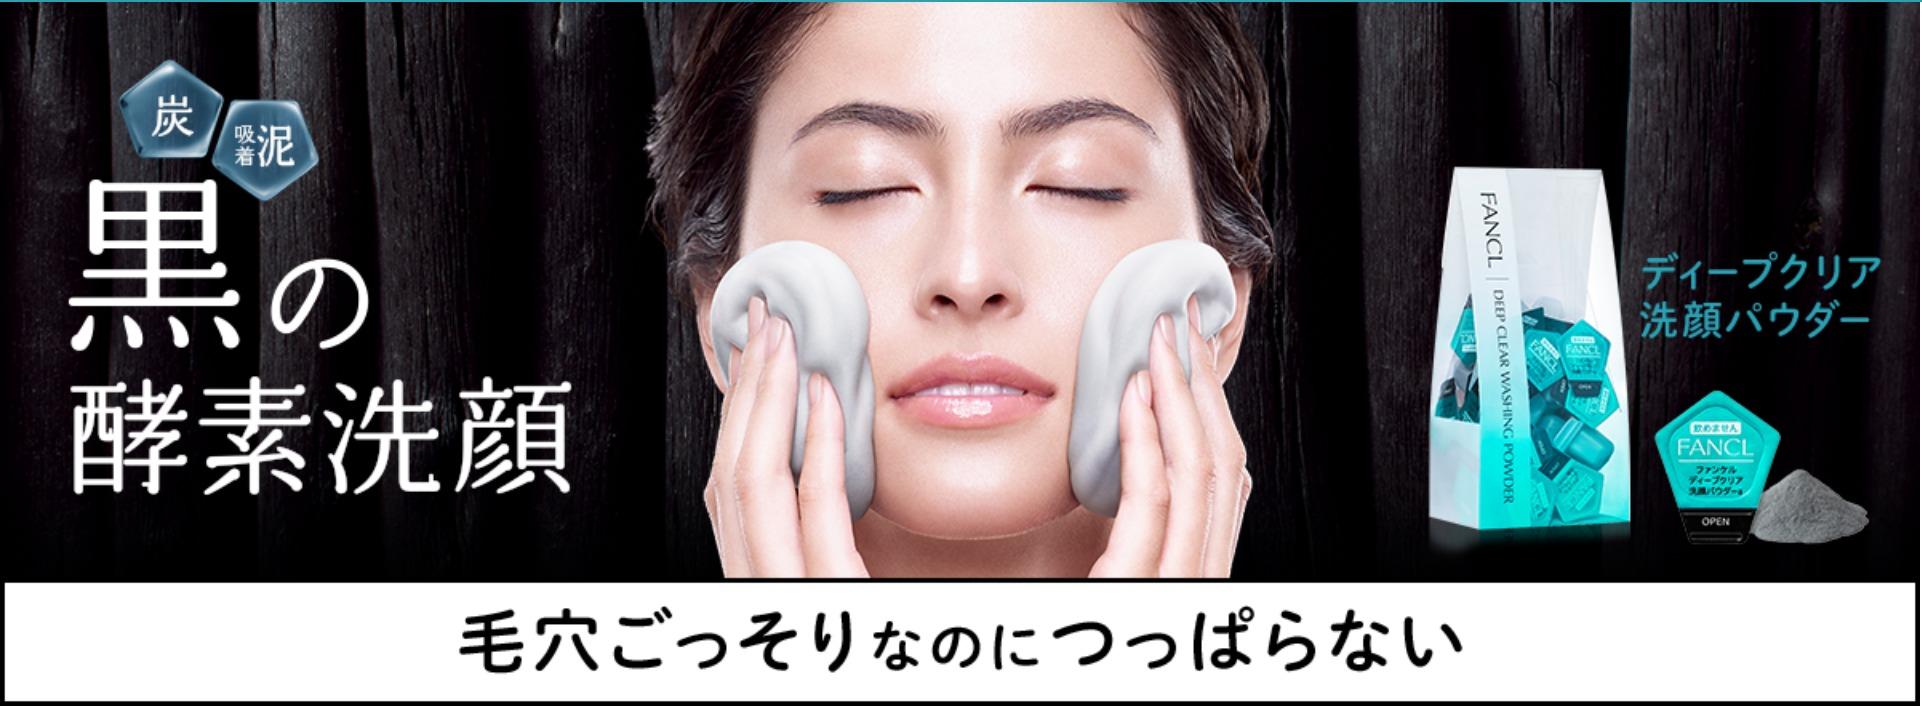 【毛穴】ファンケル酵素洗顔の効果が目に見えて分かる!